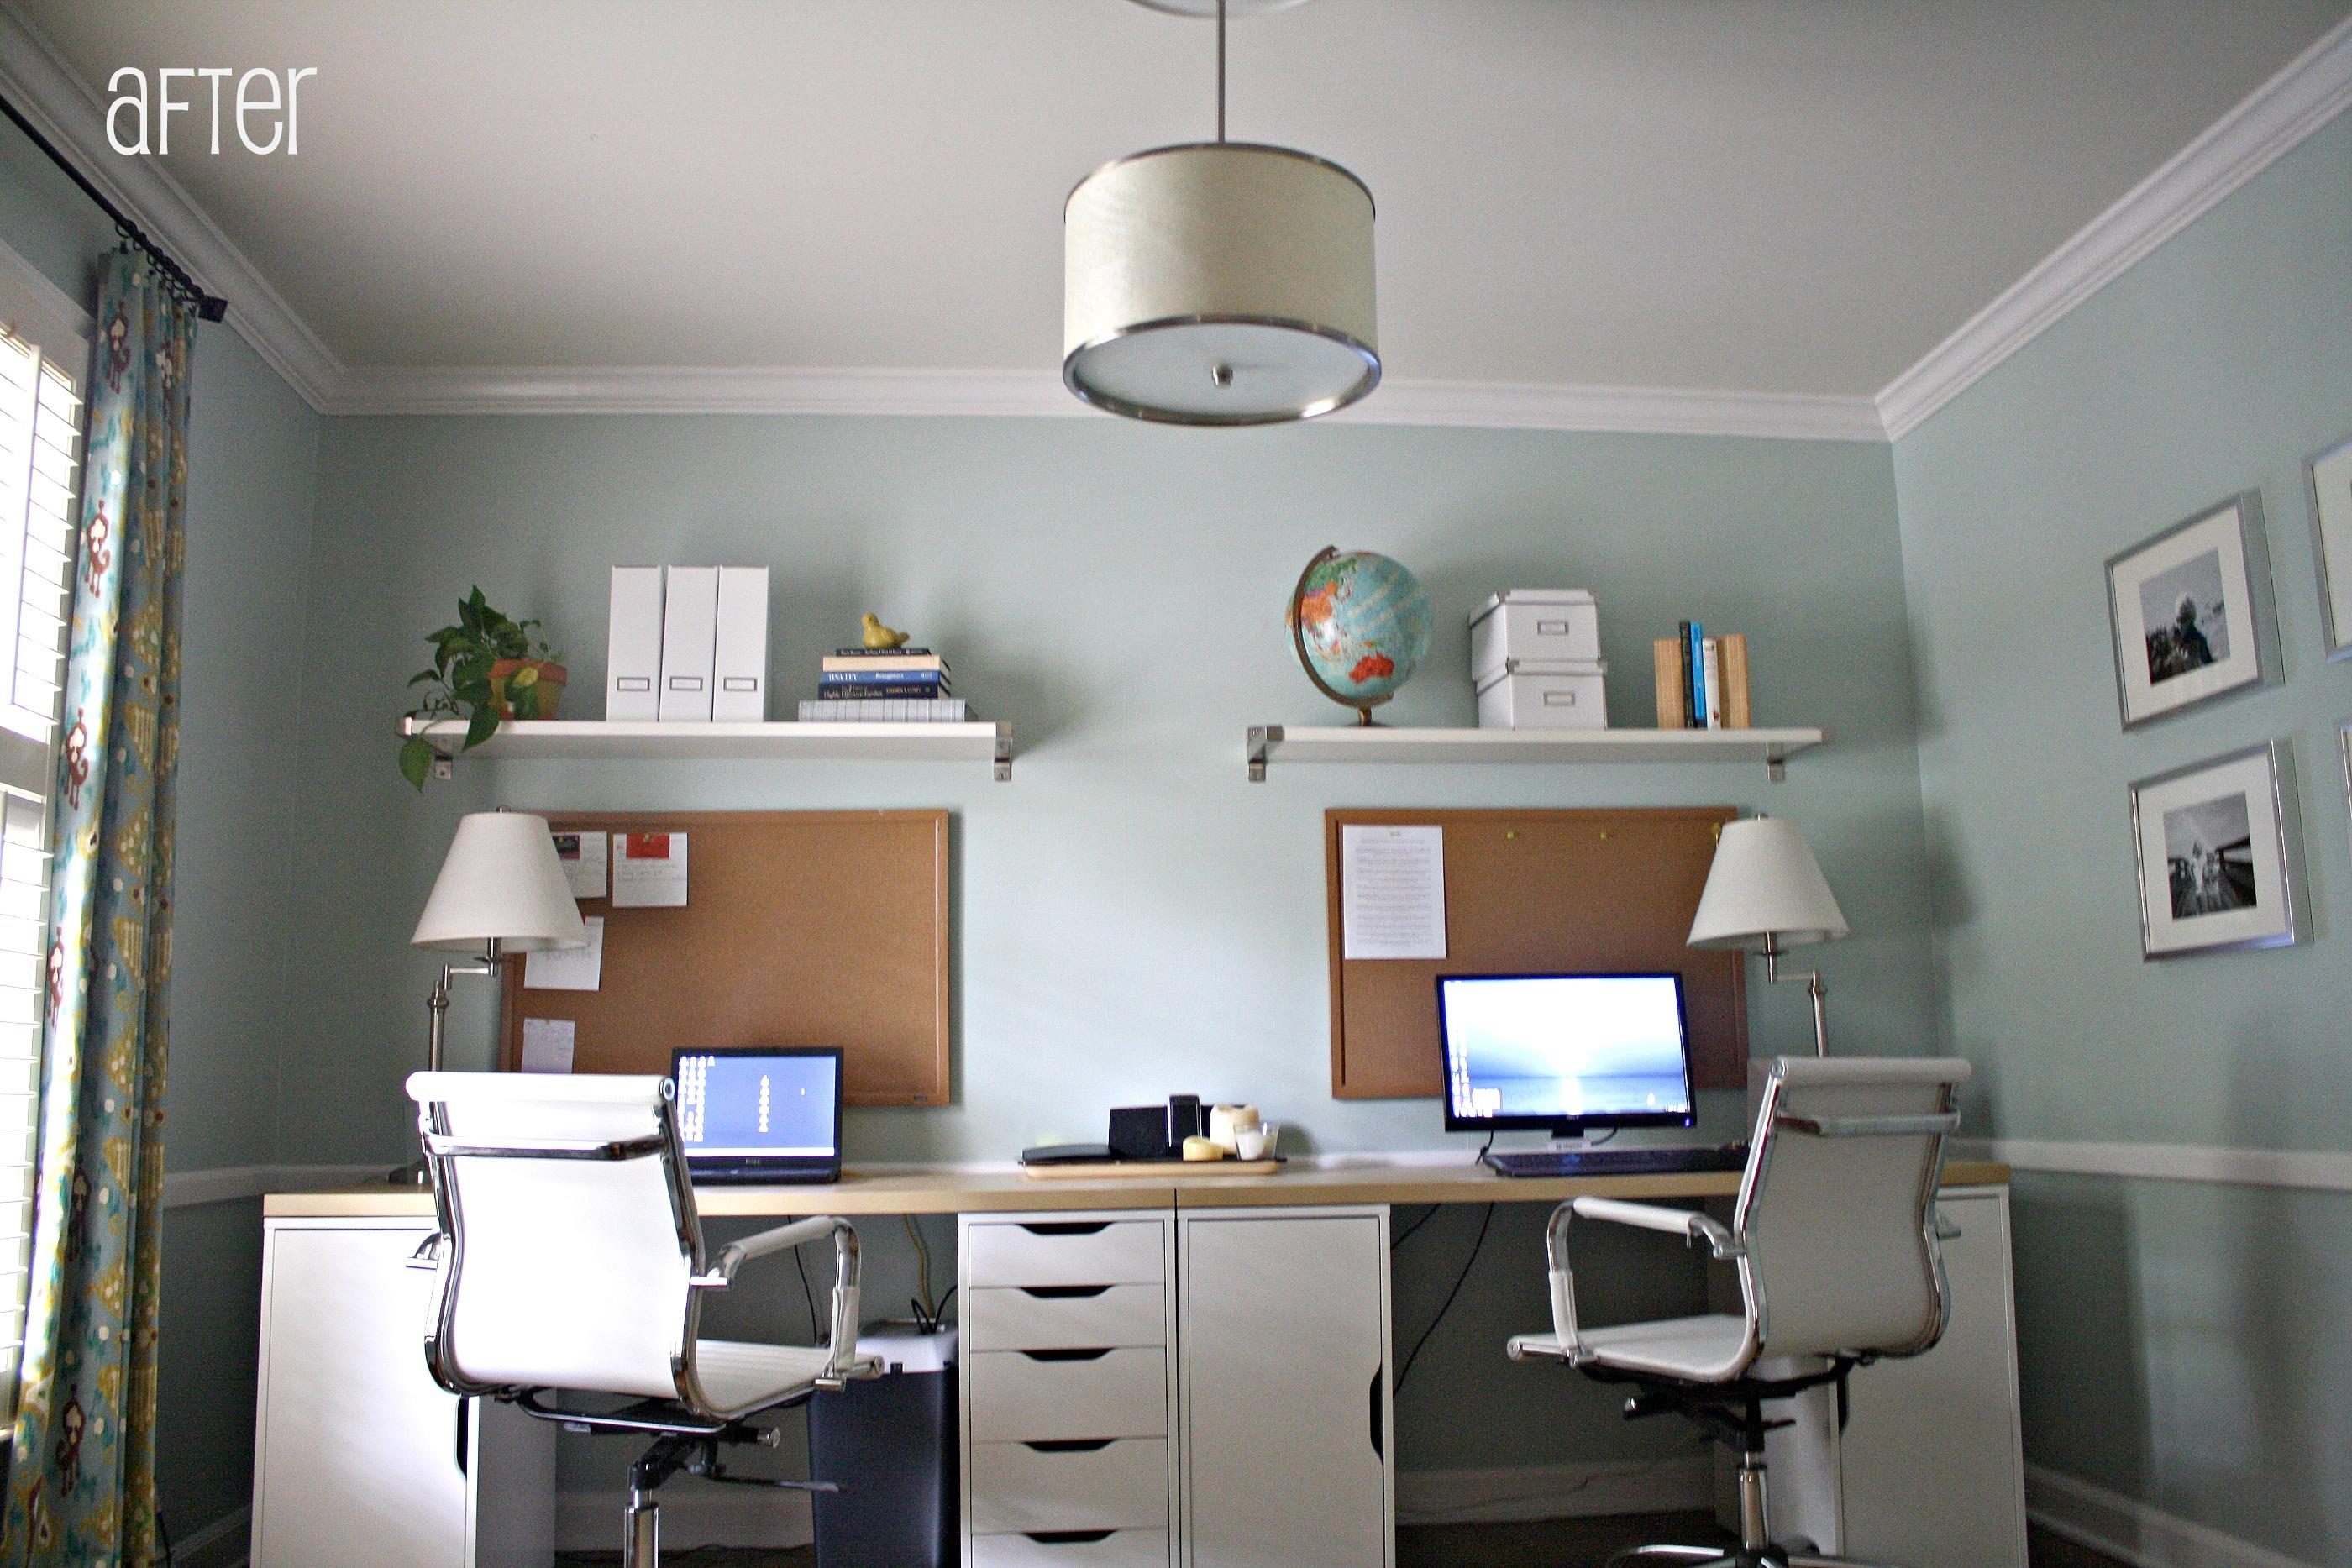 Fabulous Dicas Para Montar Seu Home Office E Mais Alguns Conselhos Para Largest Home Design Picture Inspirations Pitcheantrous